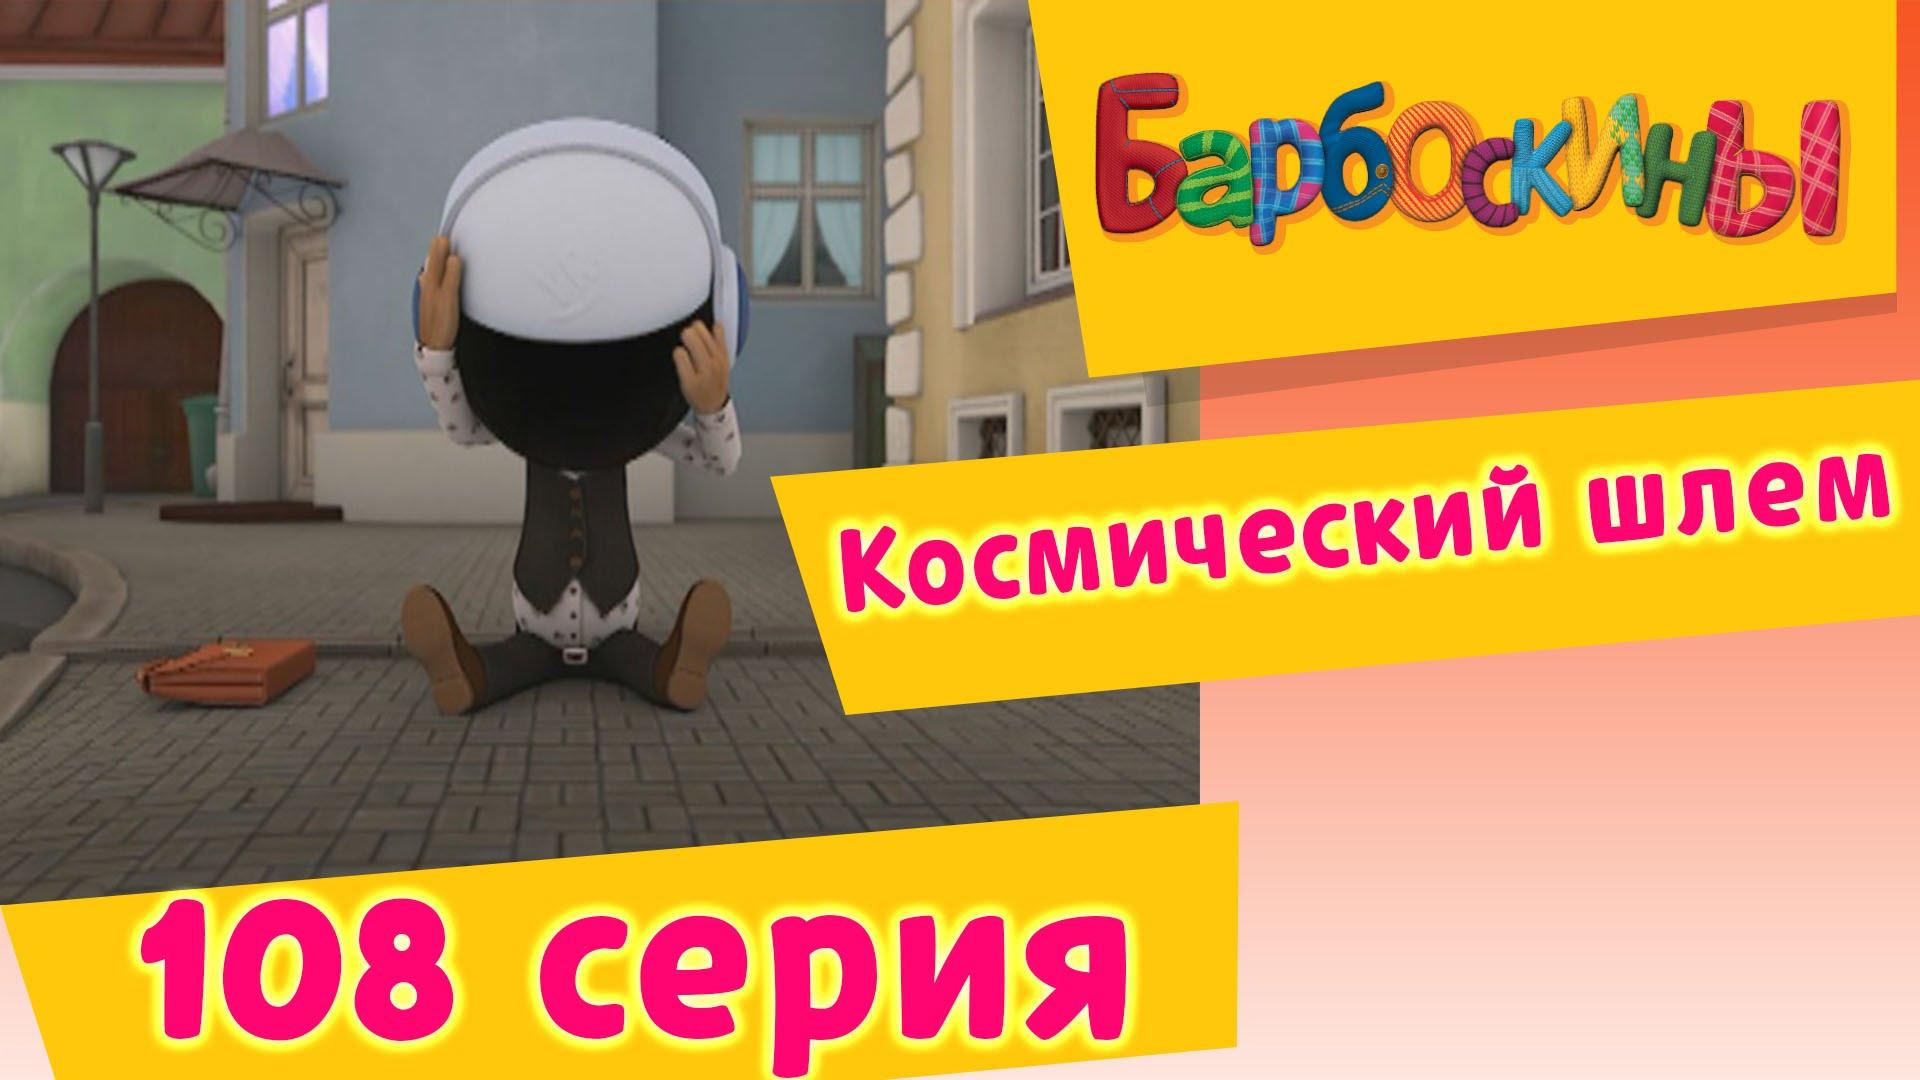 Барбоскины — 108 серия. Космический шлем